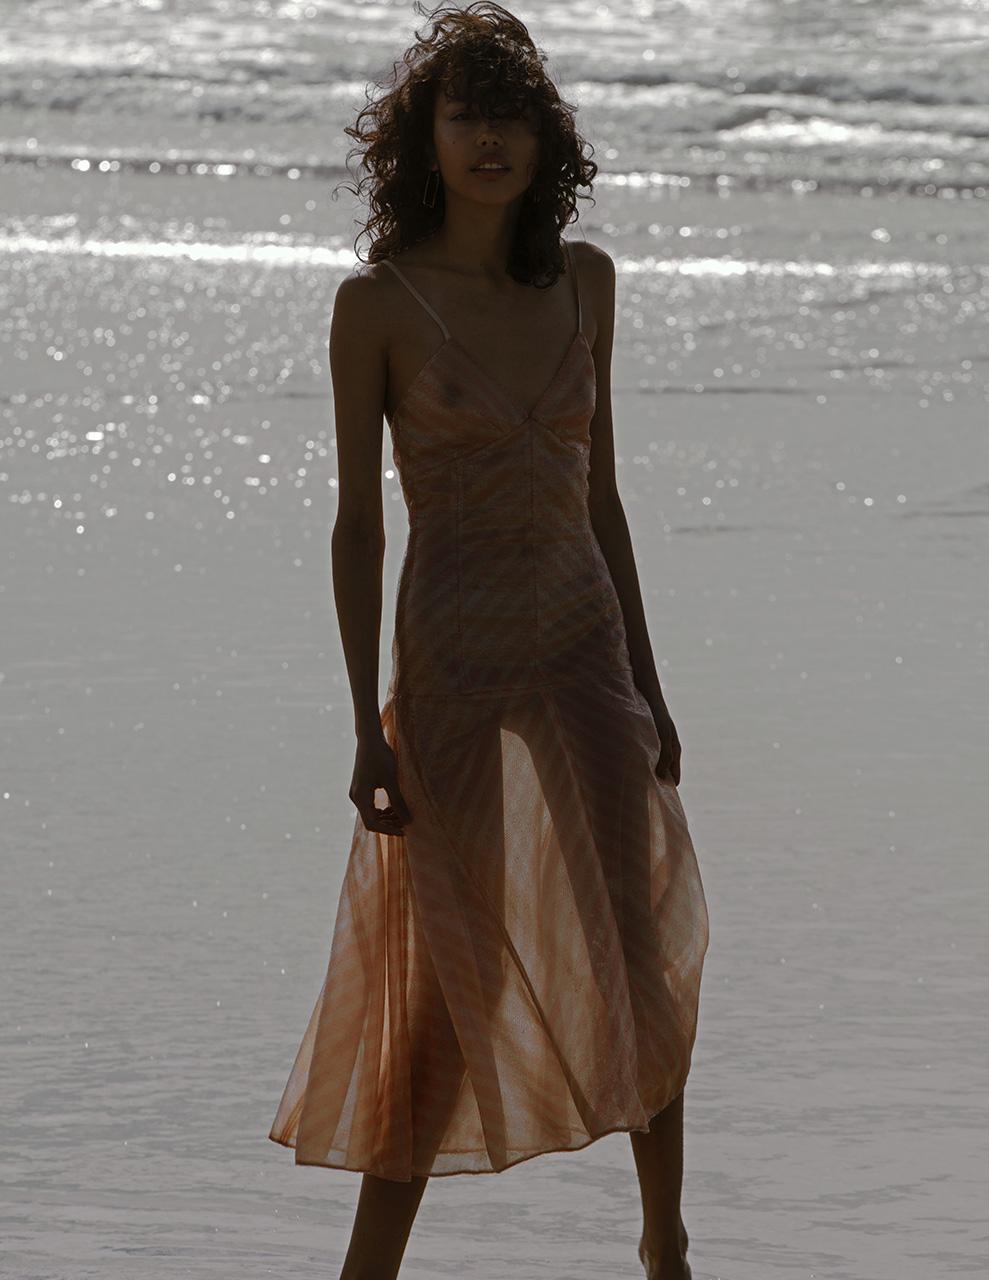 Crystal Waters 14.jpg